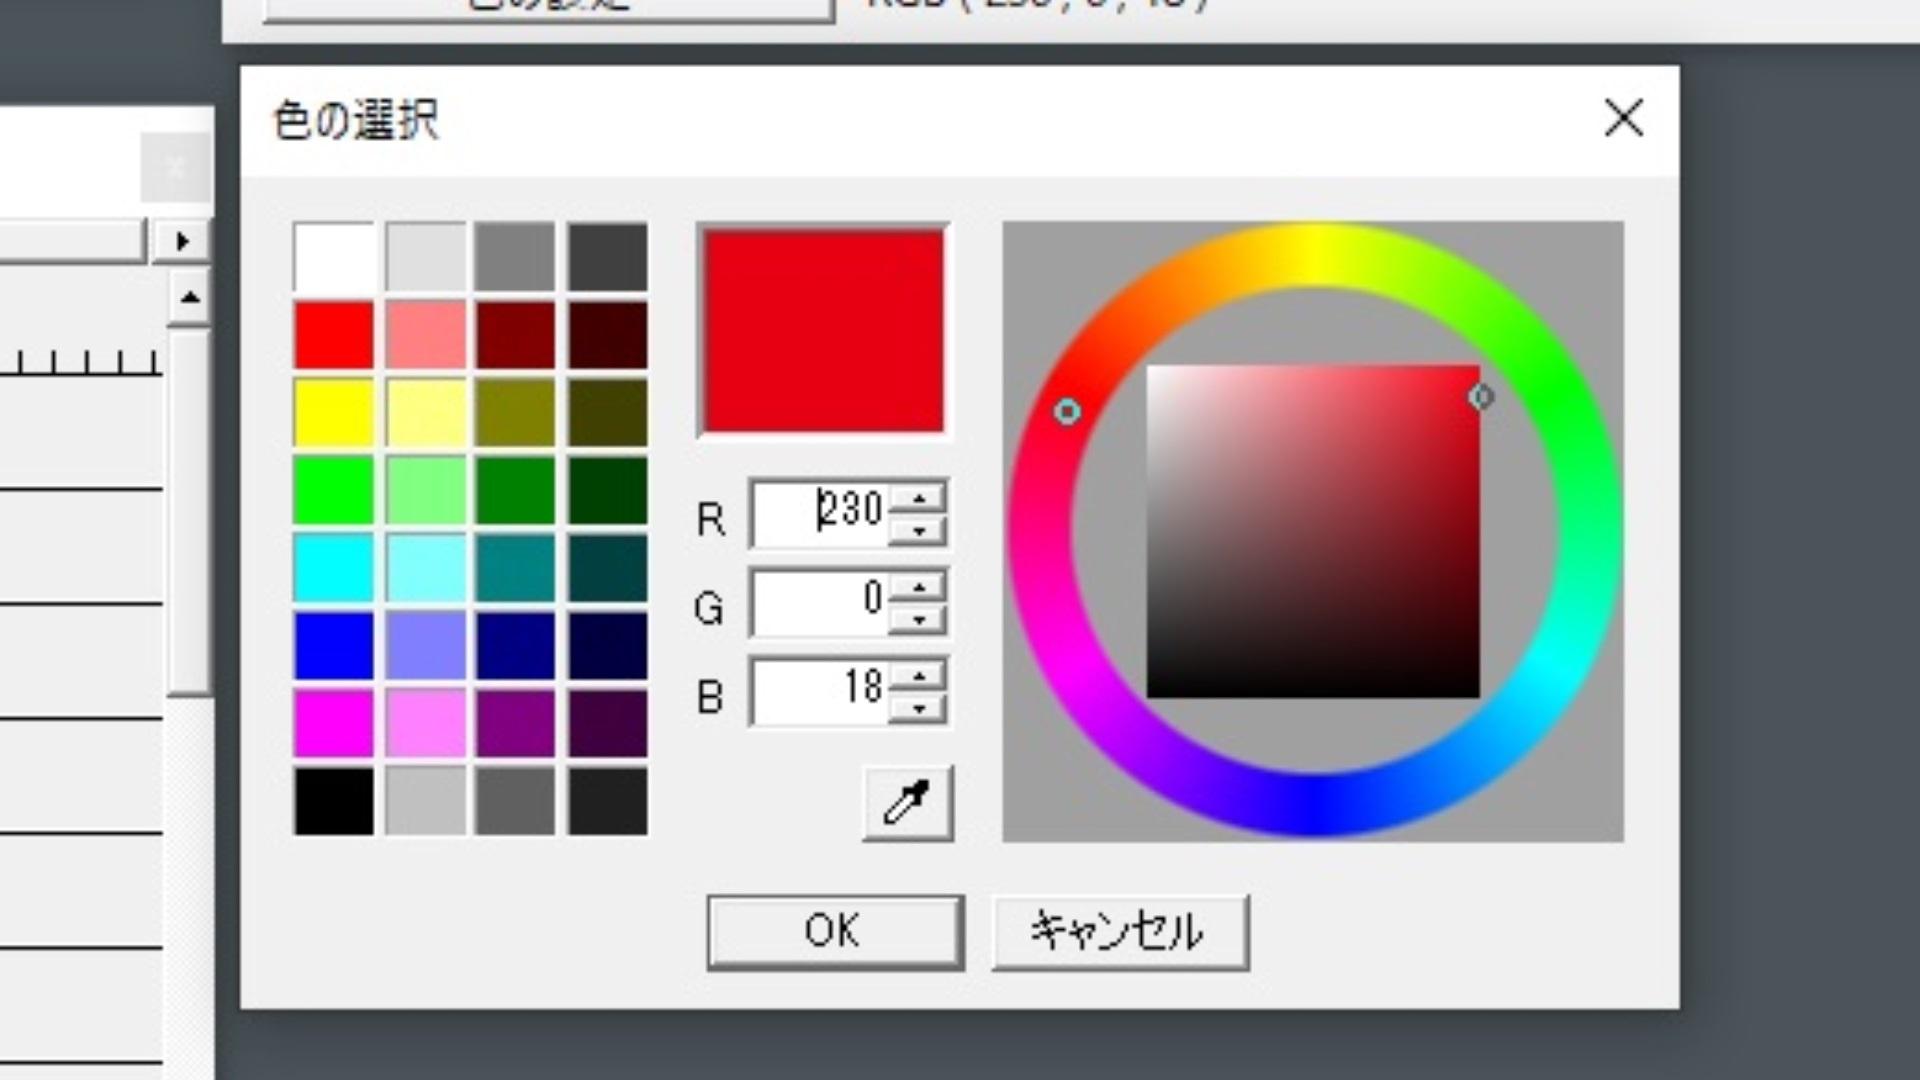 AviUtlで任天堂Switchのロゴを再現してみた【exo配布有り】任天堂の赤色はRGBで表すとR230G0B18のようです。